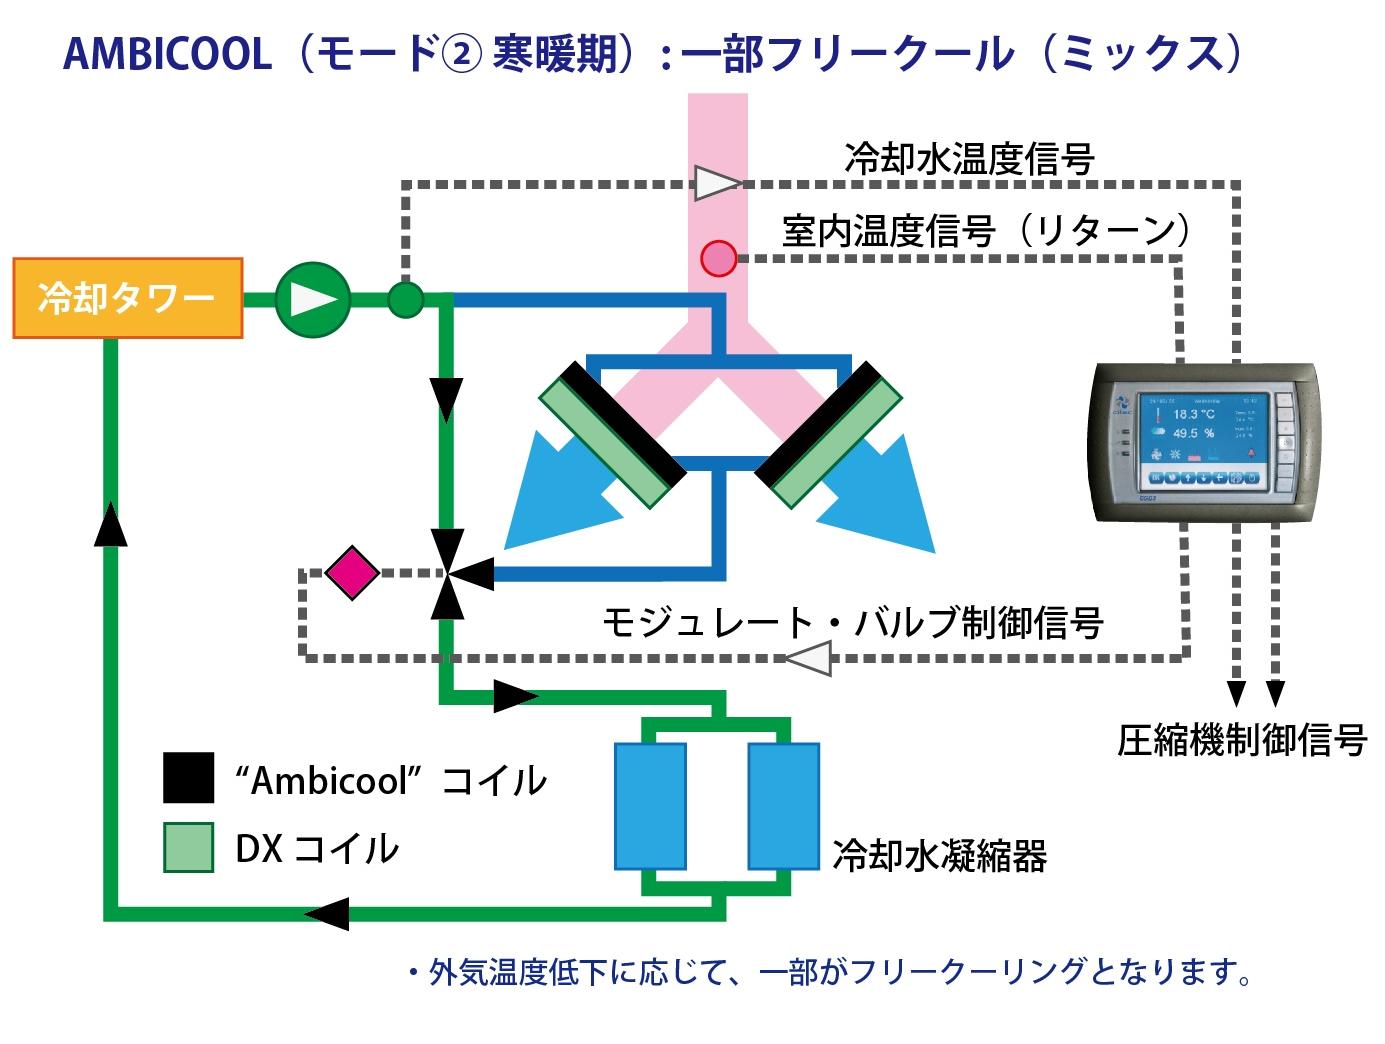 省エネ空調システム ambicool 寒暖期